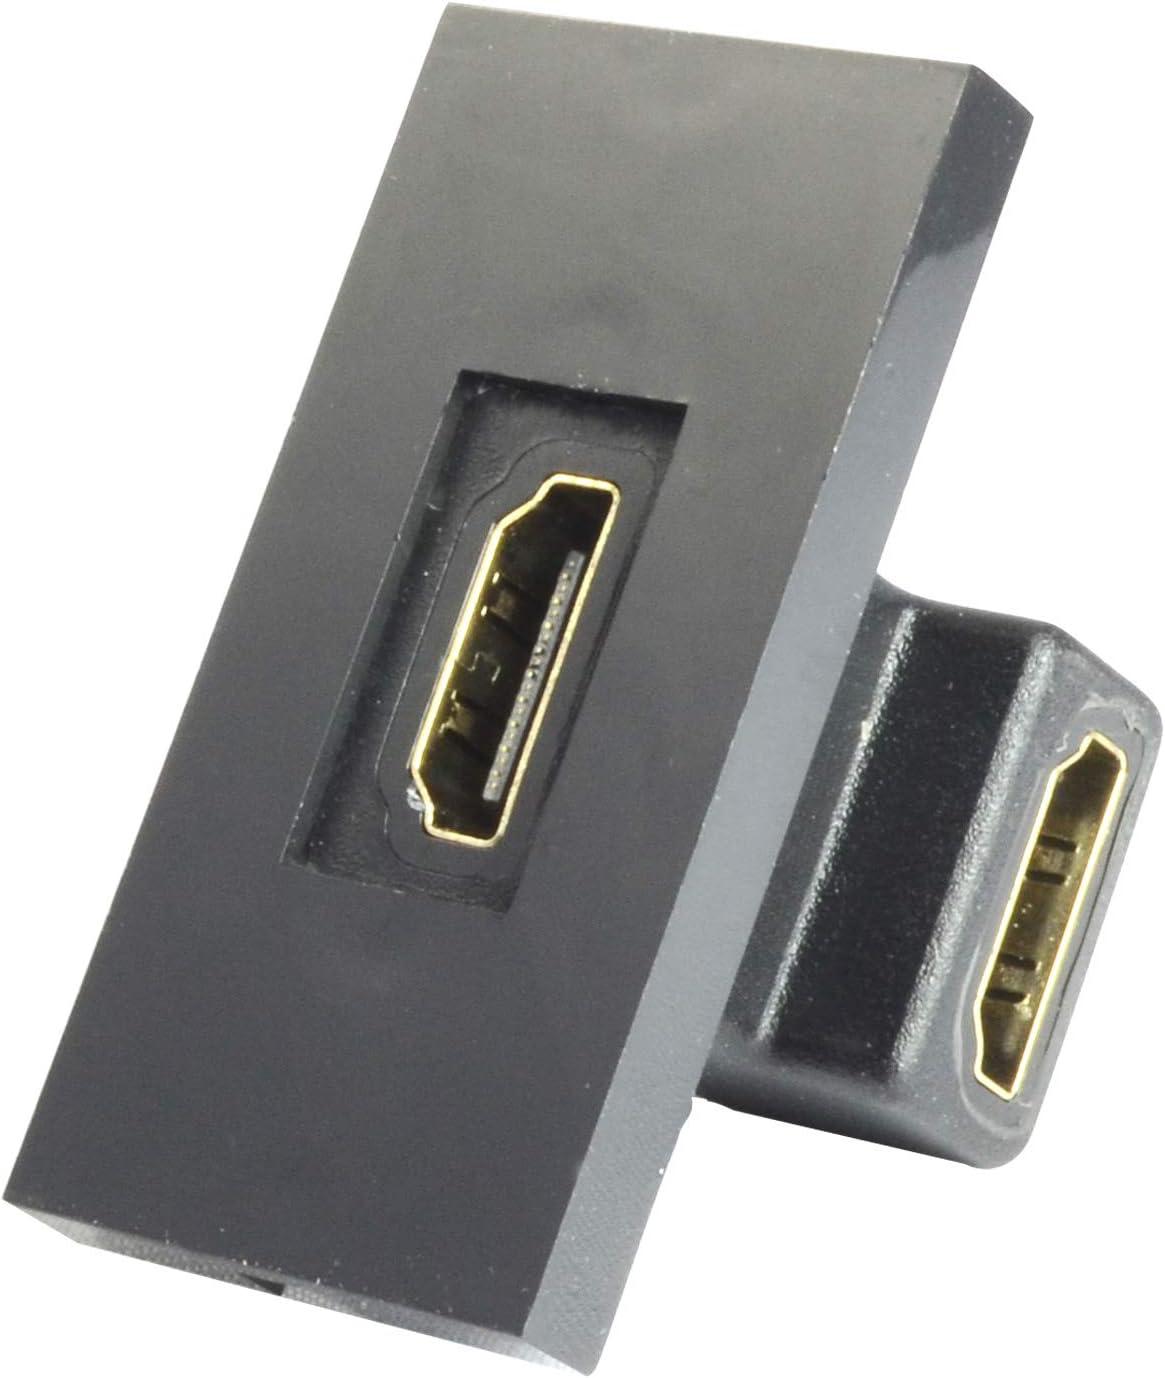 Module HDMI coud/é 25mm x 50mm Noir Adaptateur fa/çade SX7082BK